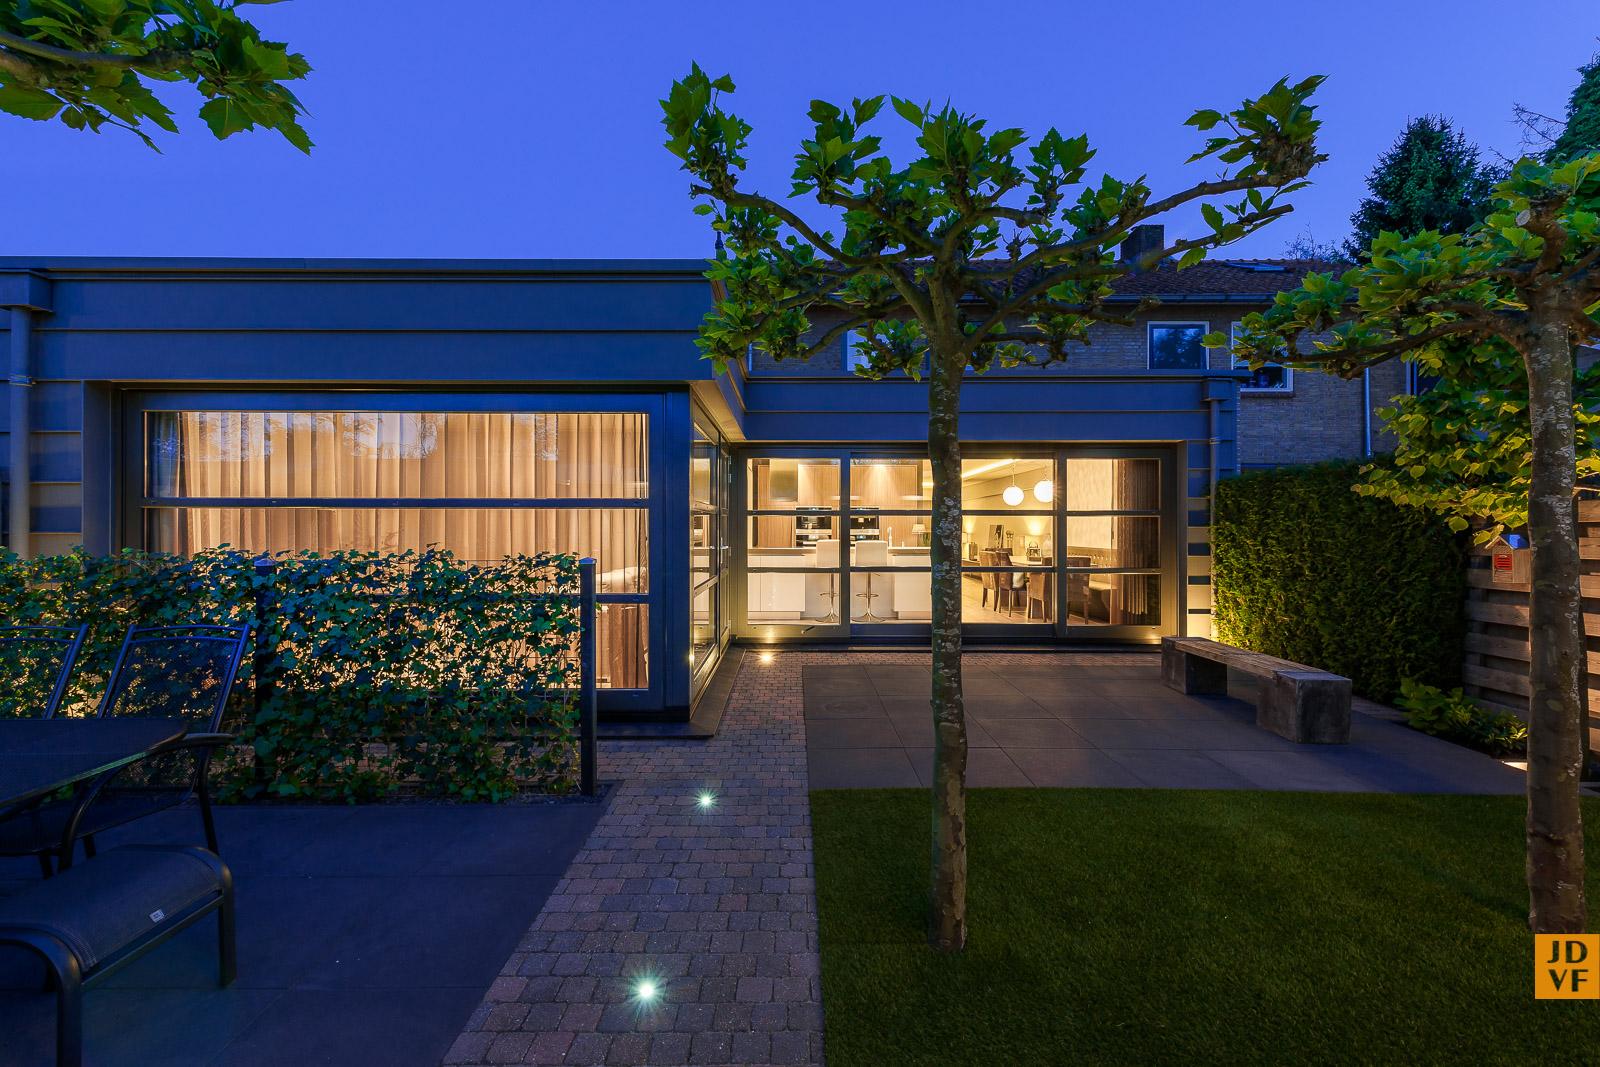 308_JDVF_interieur-architectuur-fotografie.jpg